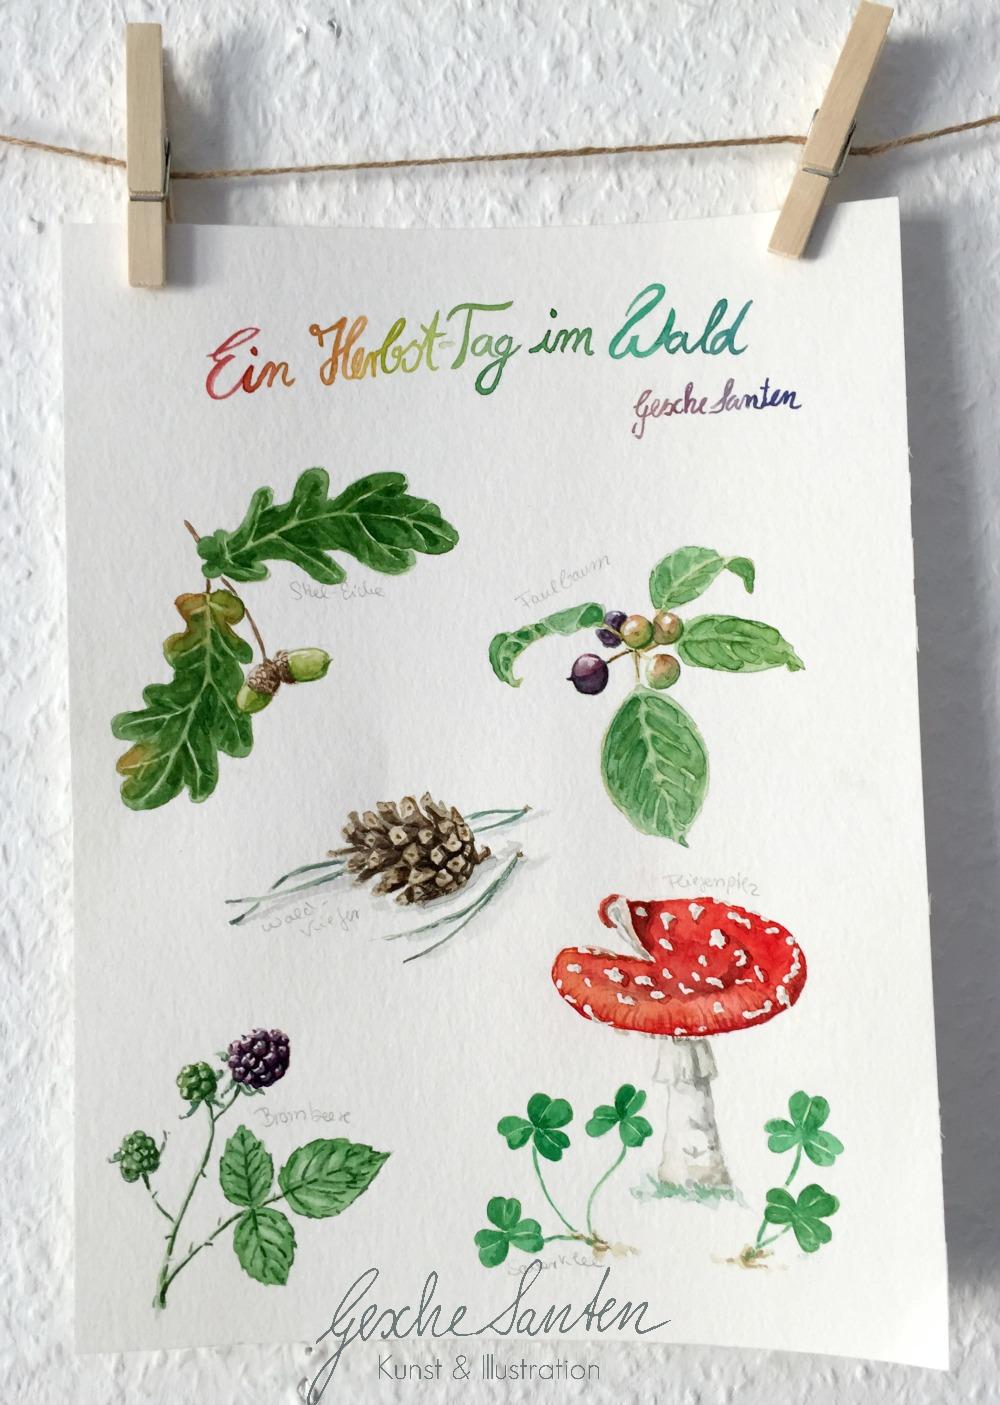 Ein herbsttag im Wald, Illustration Schritt für Schritt, Inspiration Natur, Aquarell